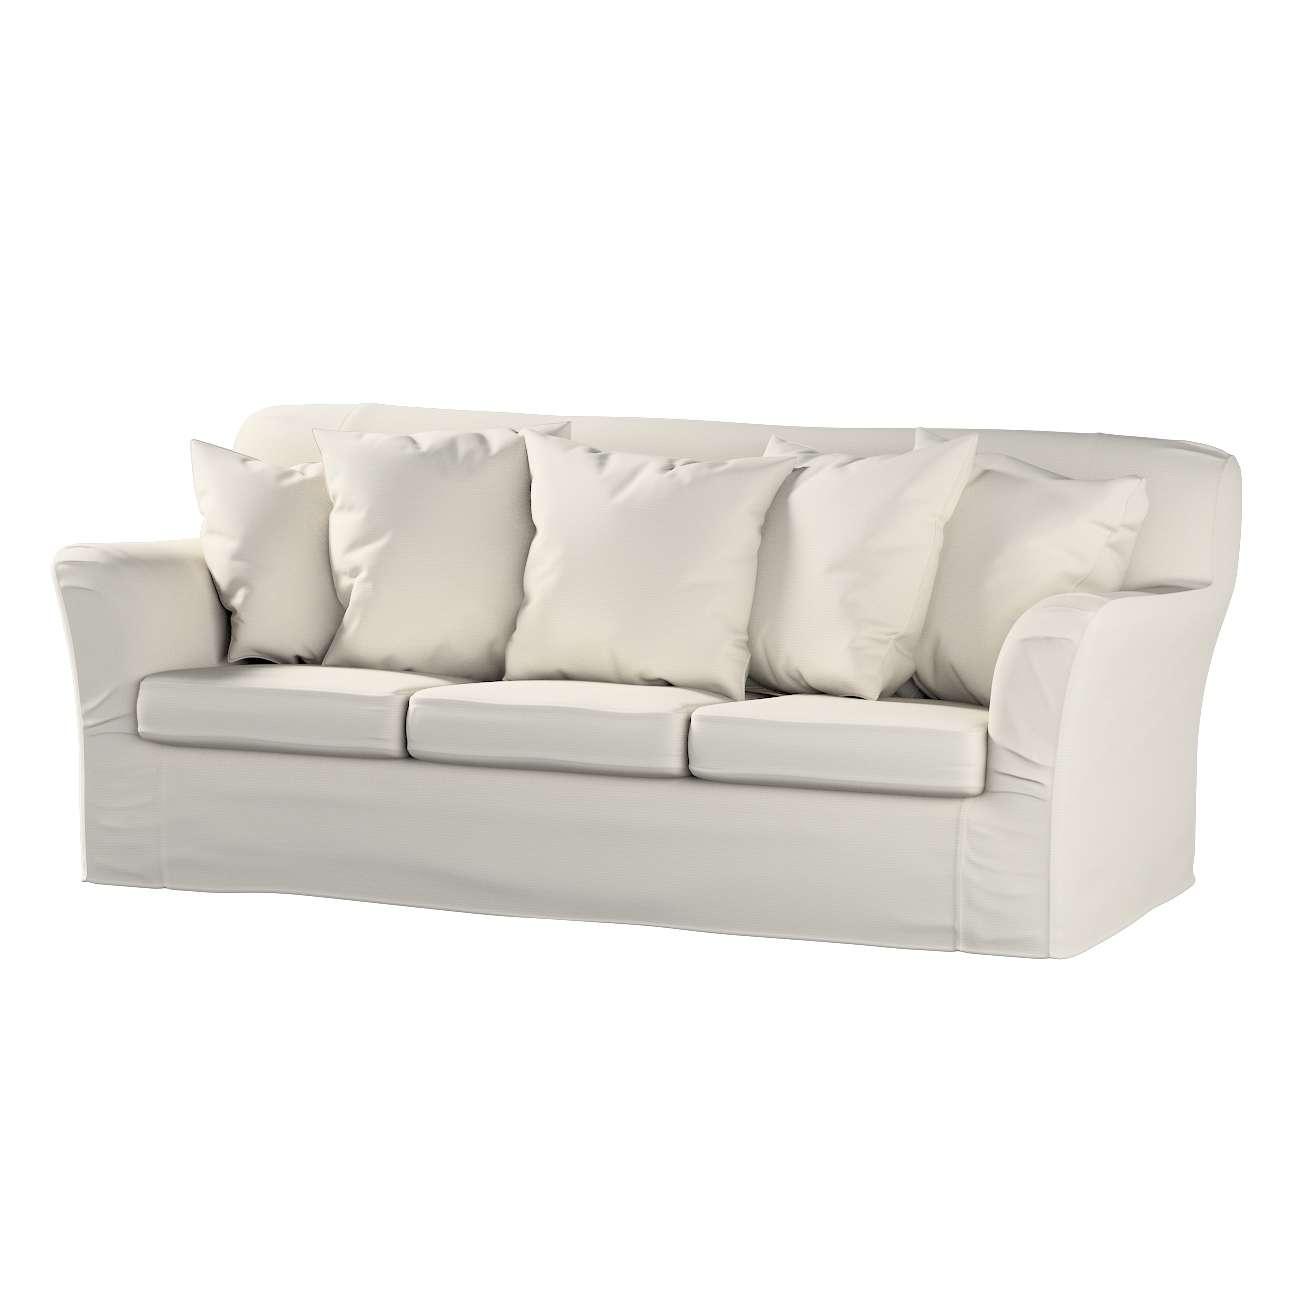 TOMELILLA  trivietės sofos užvalkalas TOMELILLA trivietė sofa kolekcijoje Cotton Panama, audinys: 702-31